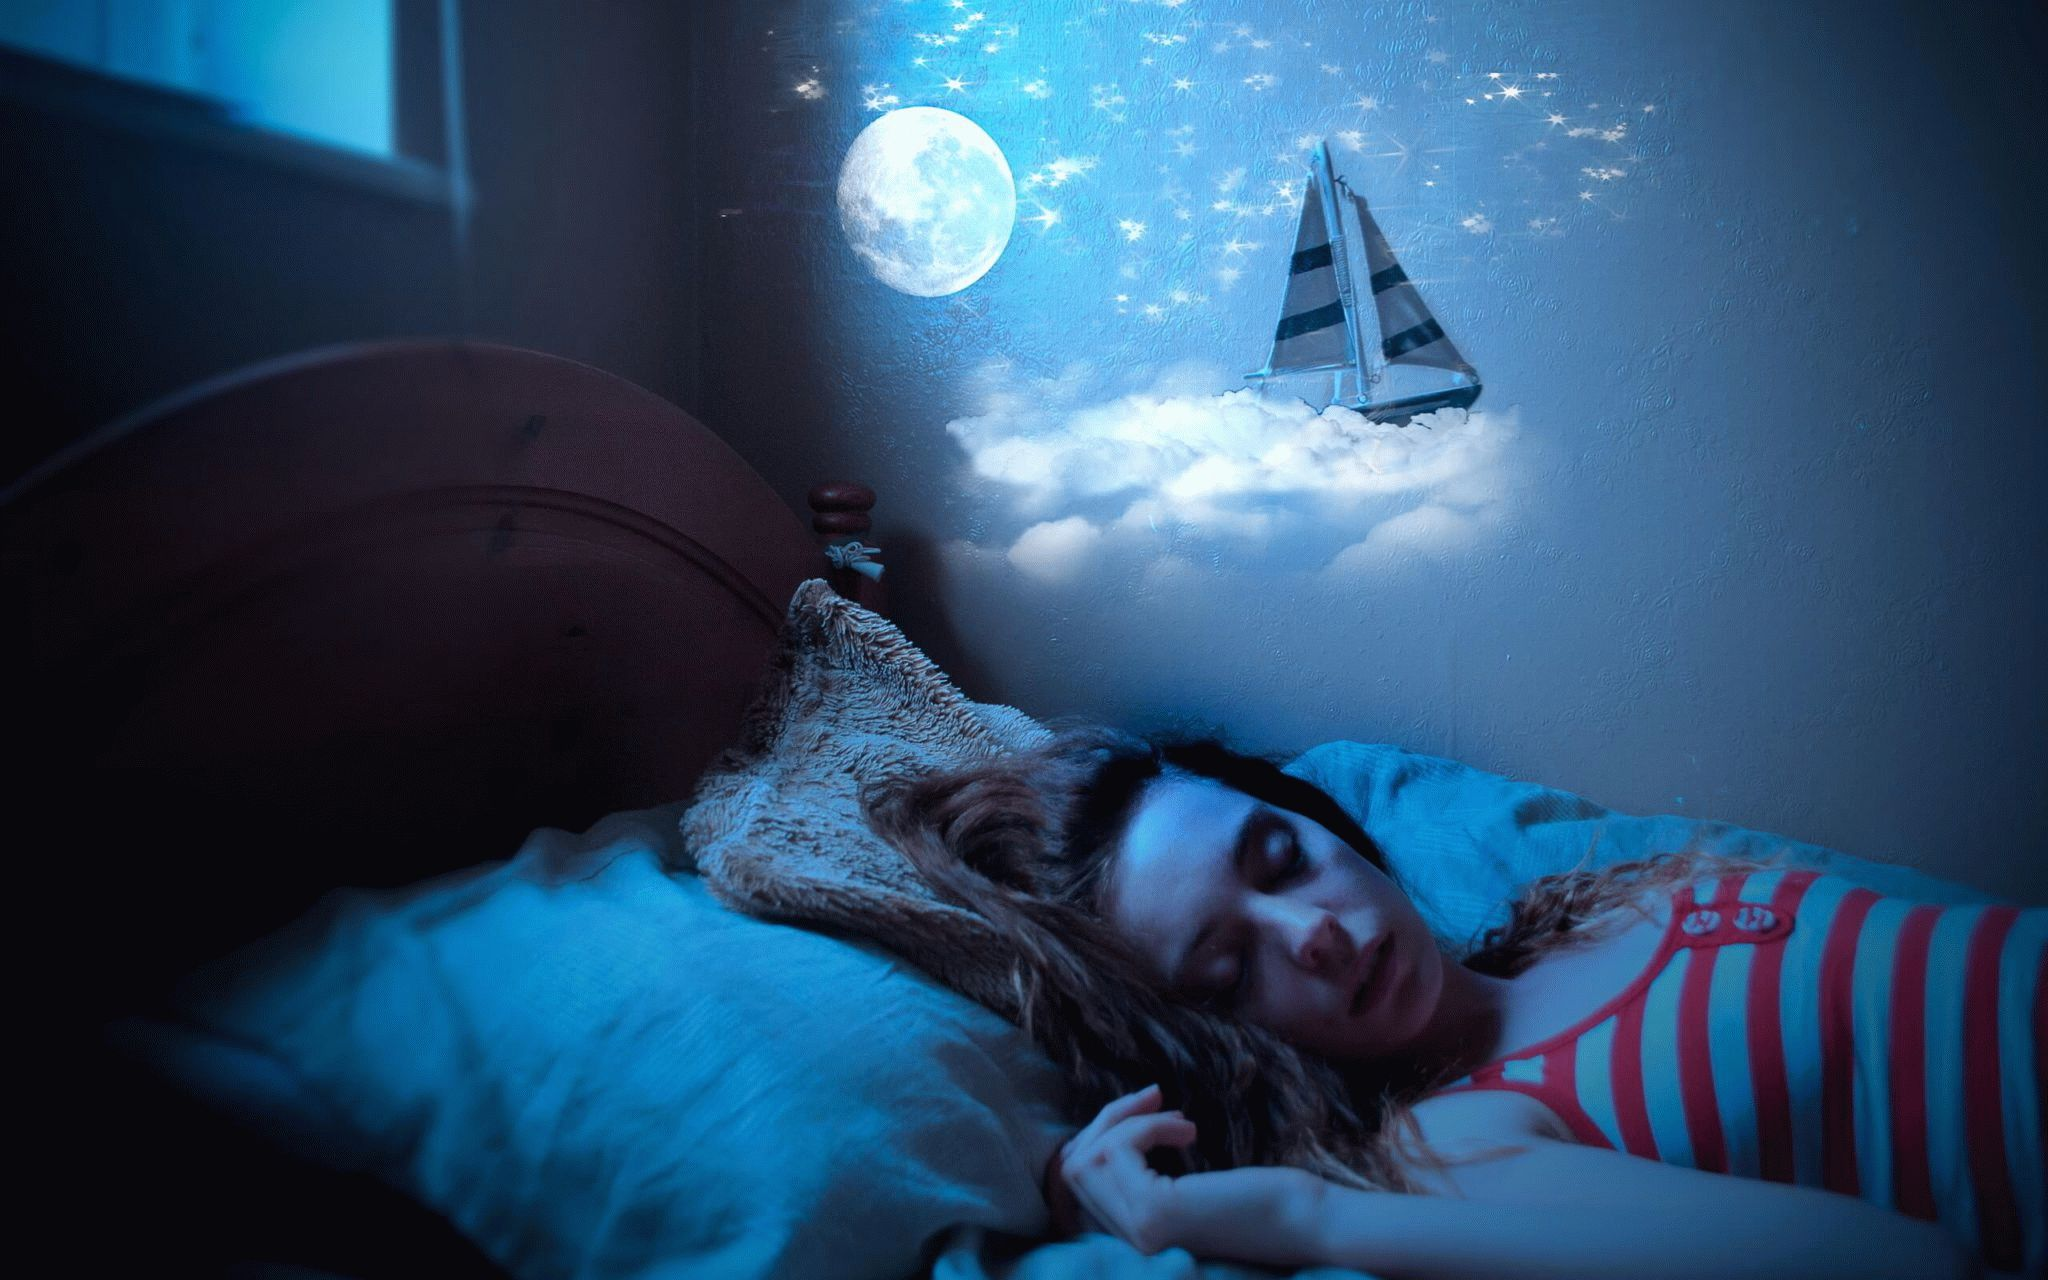 необычные сны картинки самое